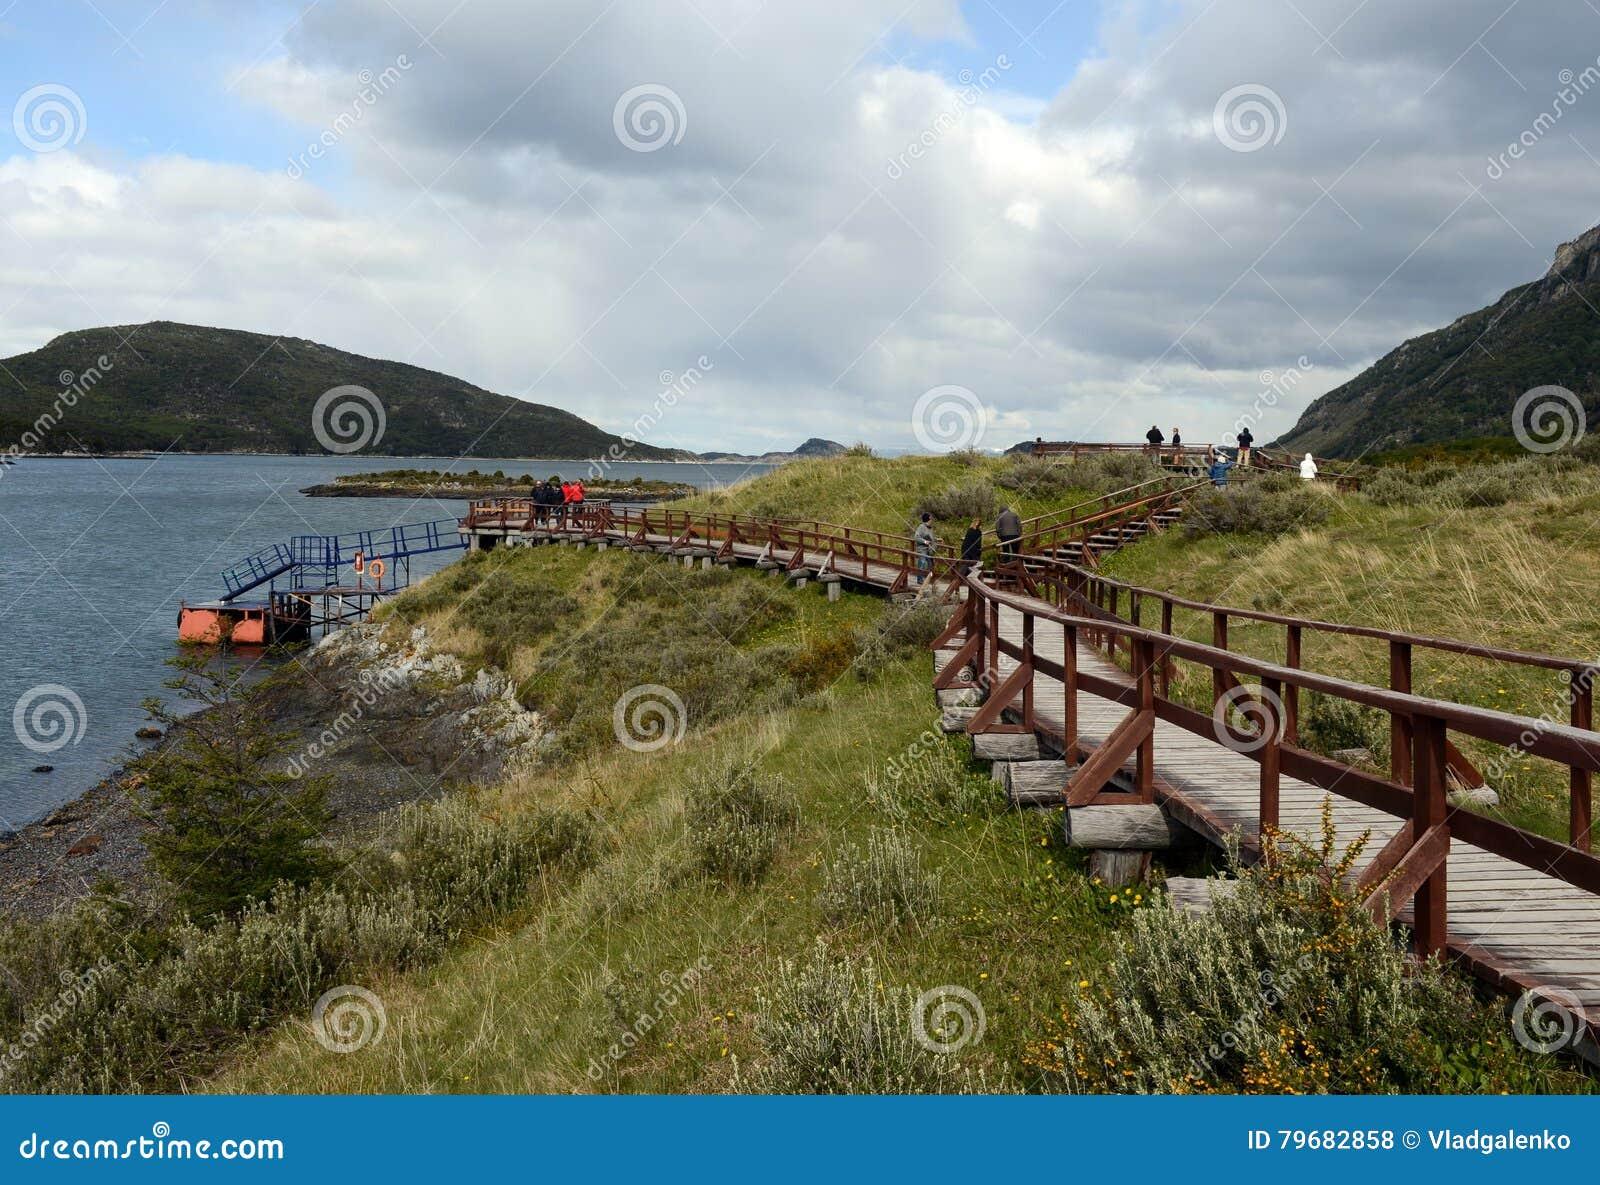 Turistas en la bahía Lapataia en el parque nacional de Tierra del Fuego